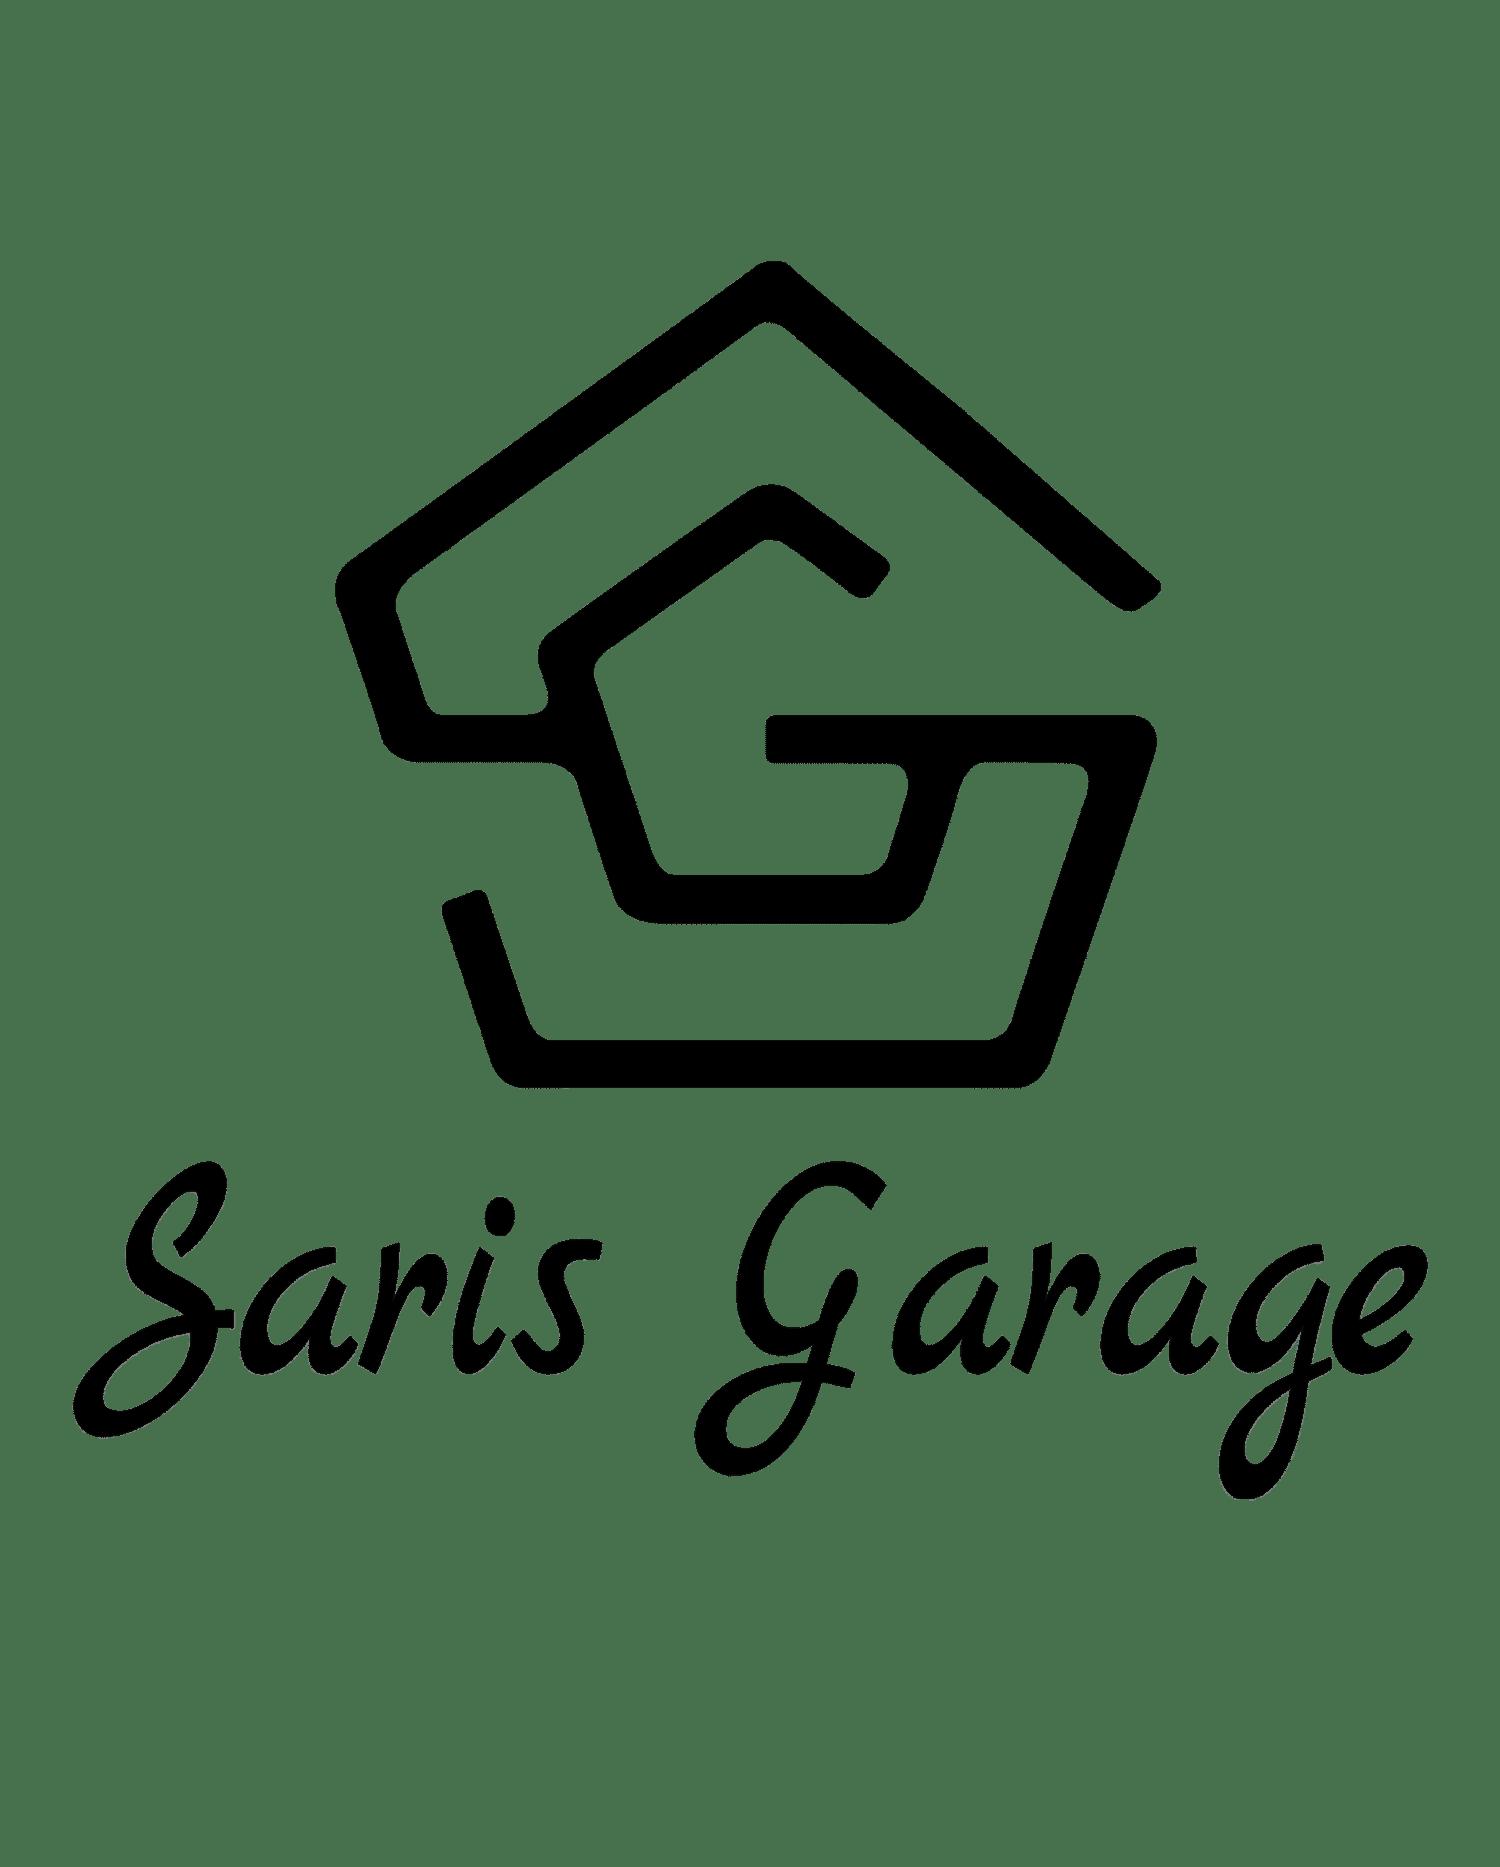 Kooperationen-Sponsoring-Saris Garage-Logo